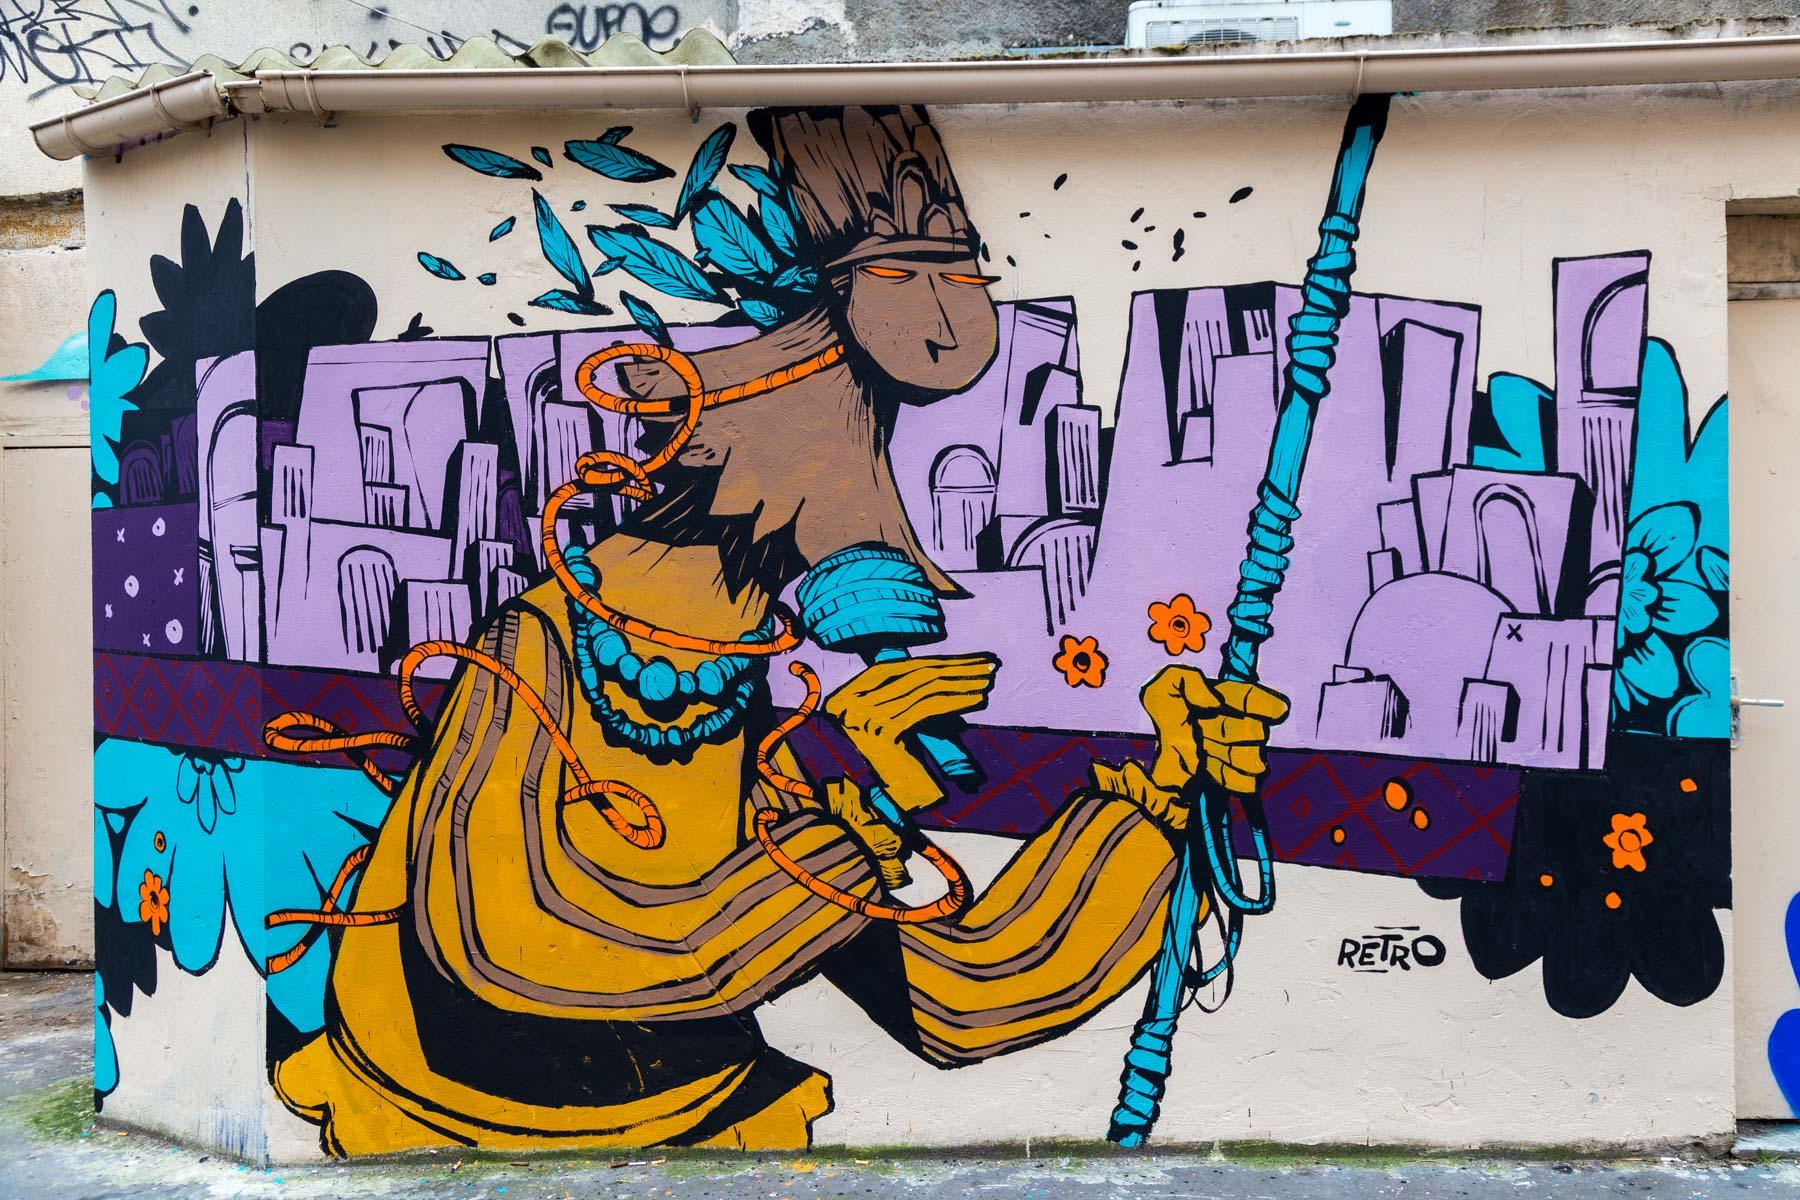 Rétro graffitism